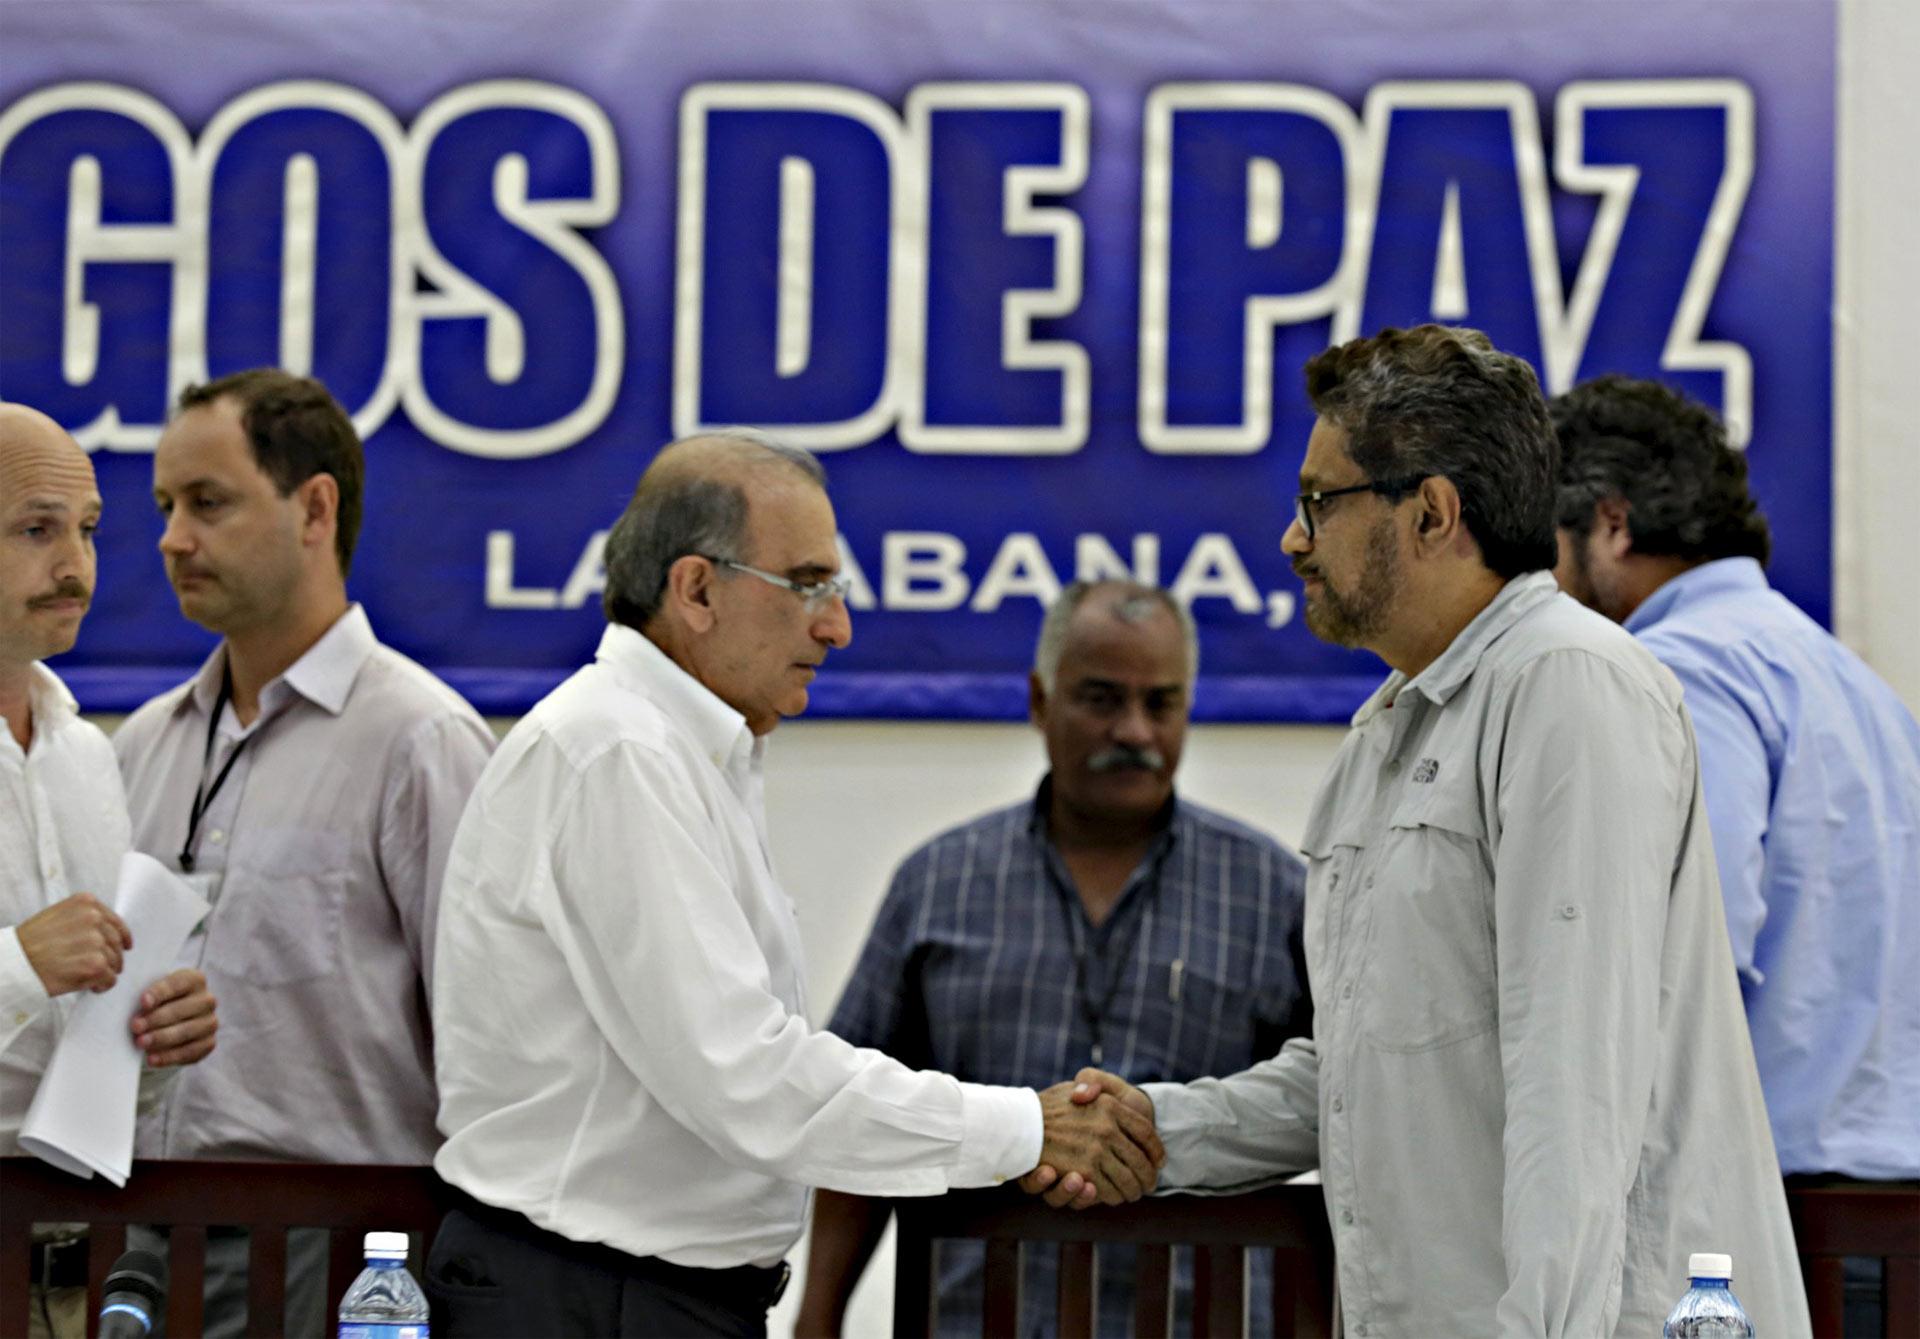 El gobierno colombiano y las FARC están más cerca de terminar el conflicto paramilitar con un acuerdo firmado este domingo en La Habana